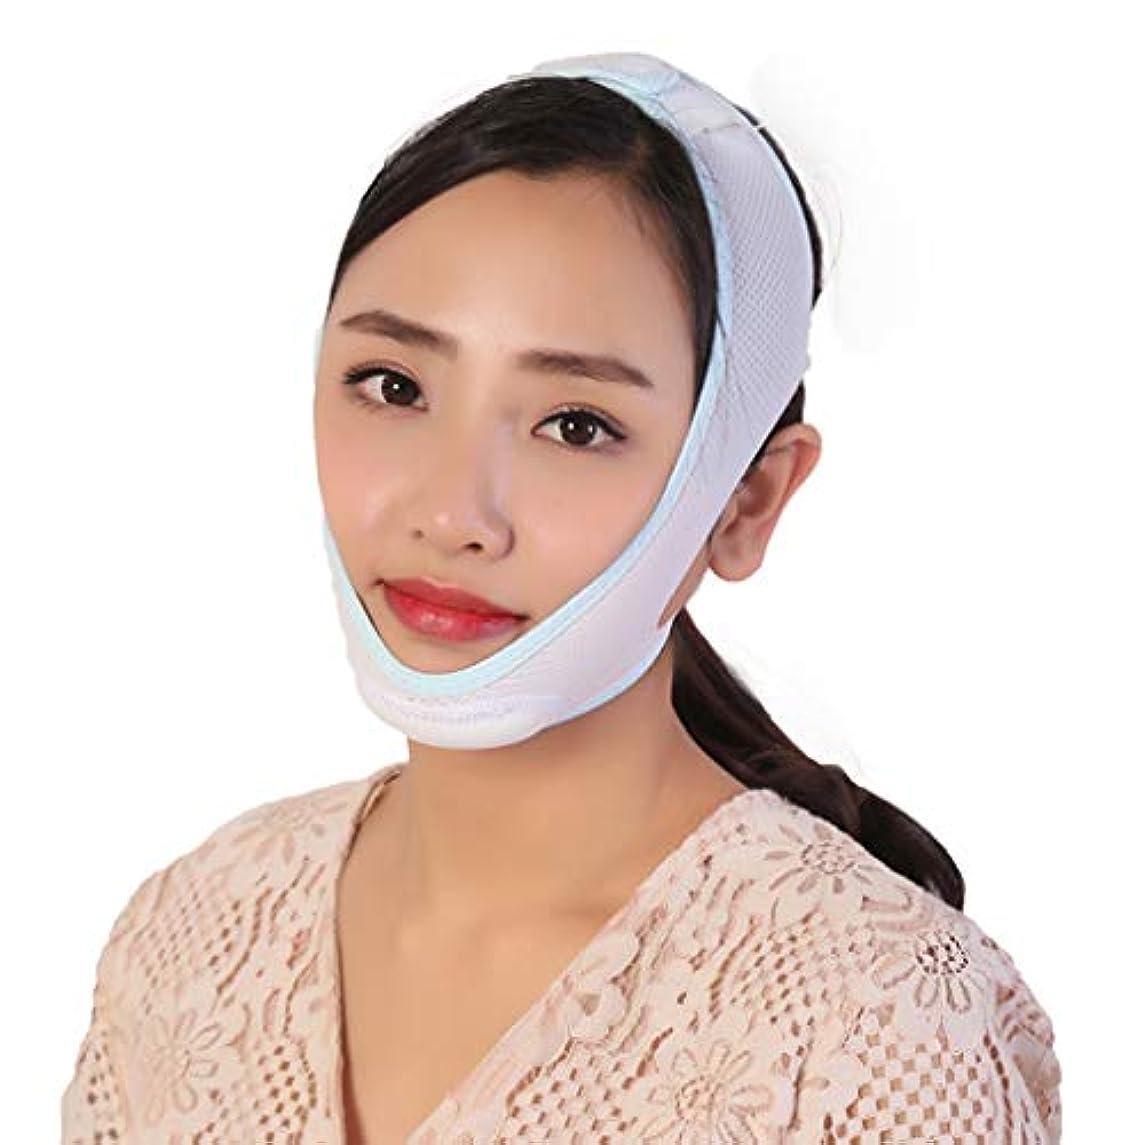 険しいルーム経営者顔の顔を持ち上げる顔のマスクを改善するために快適な顔面曲線包括的通気性包帯